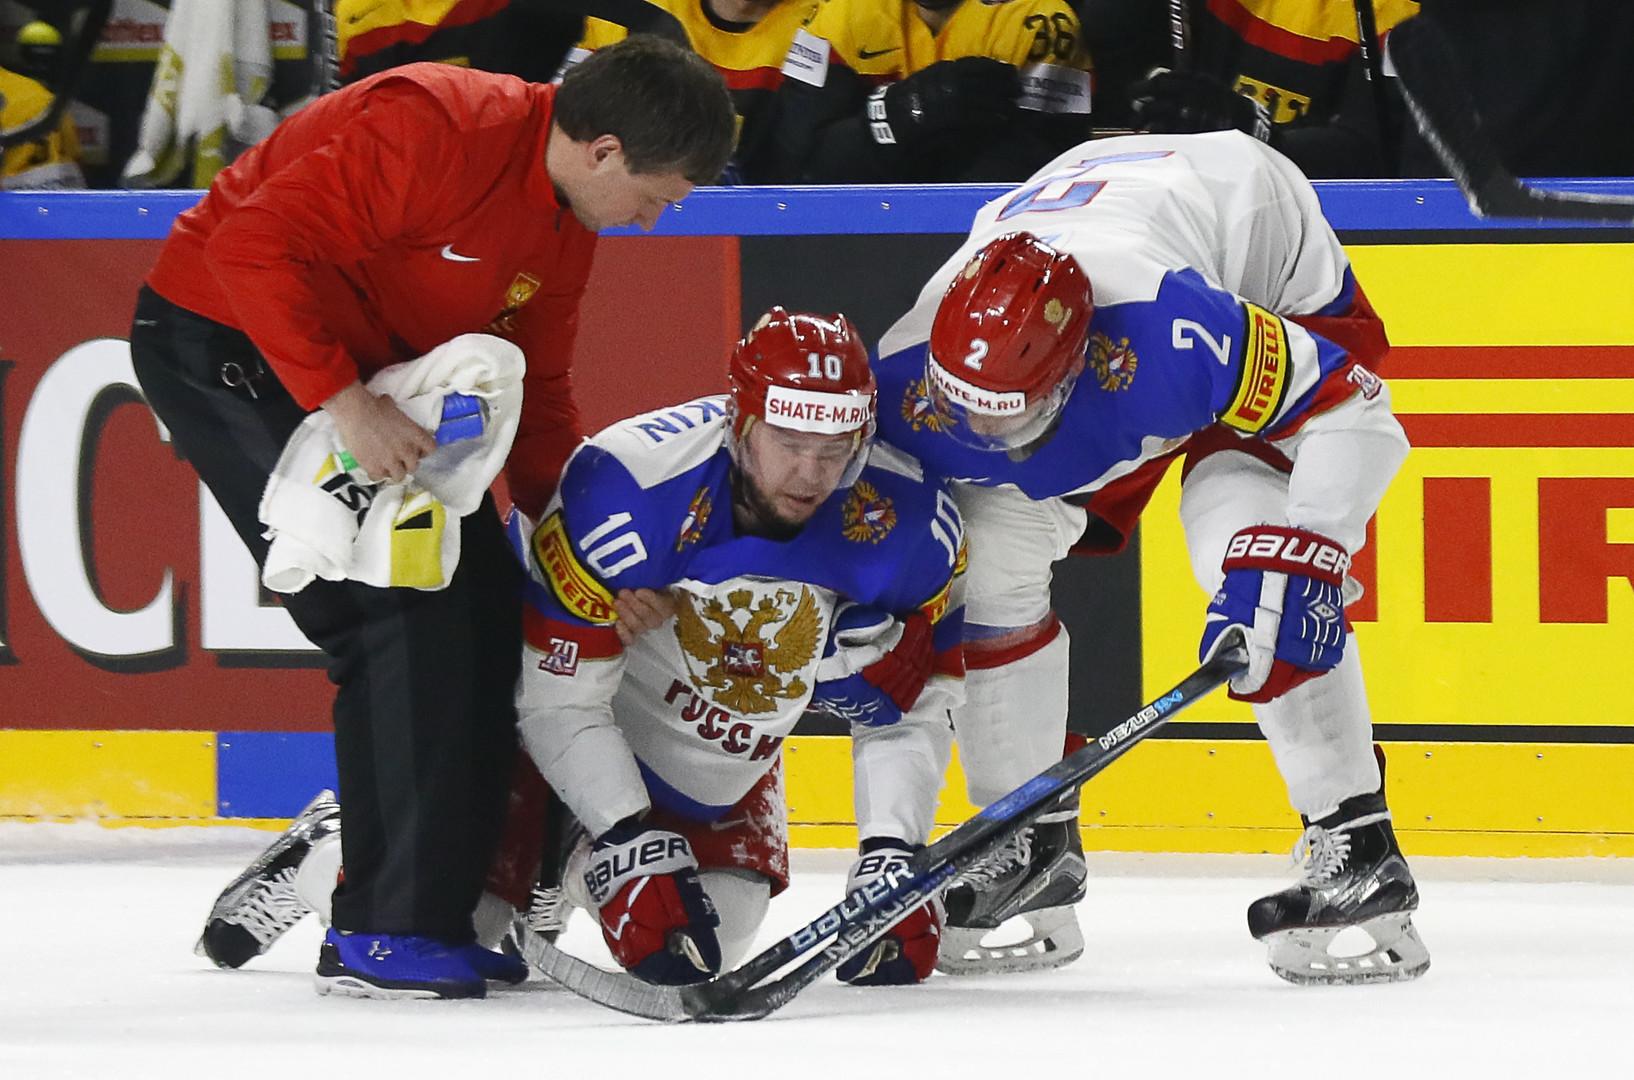 Тяжёлая травма Мозякина и невероятный камбэк Чехии: итоги 4-го дня ЧМ по хоккею